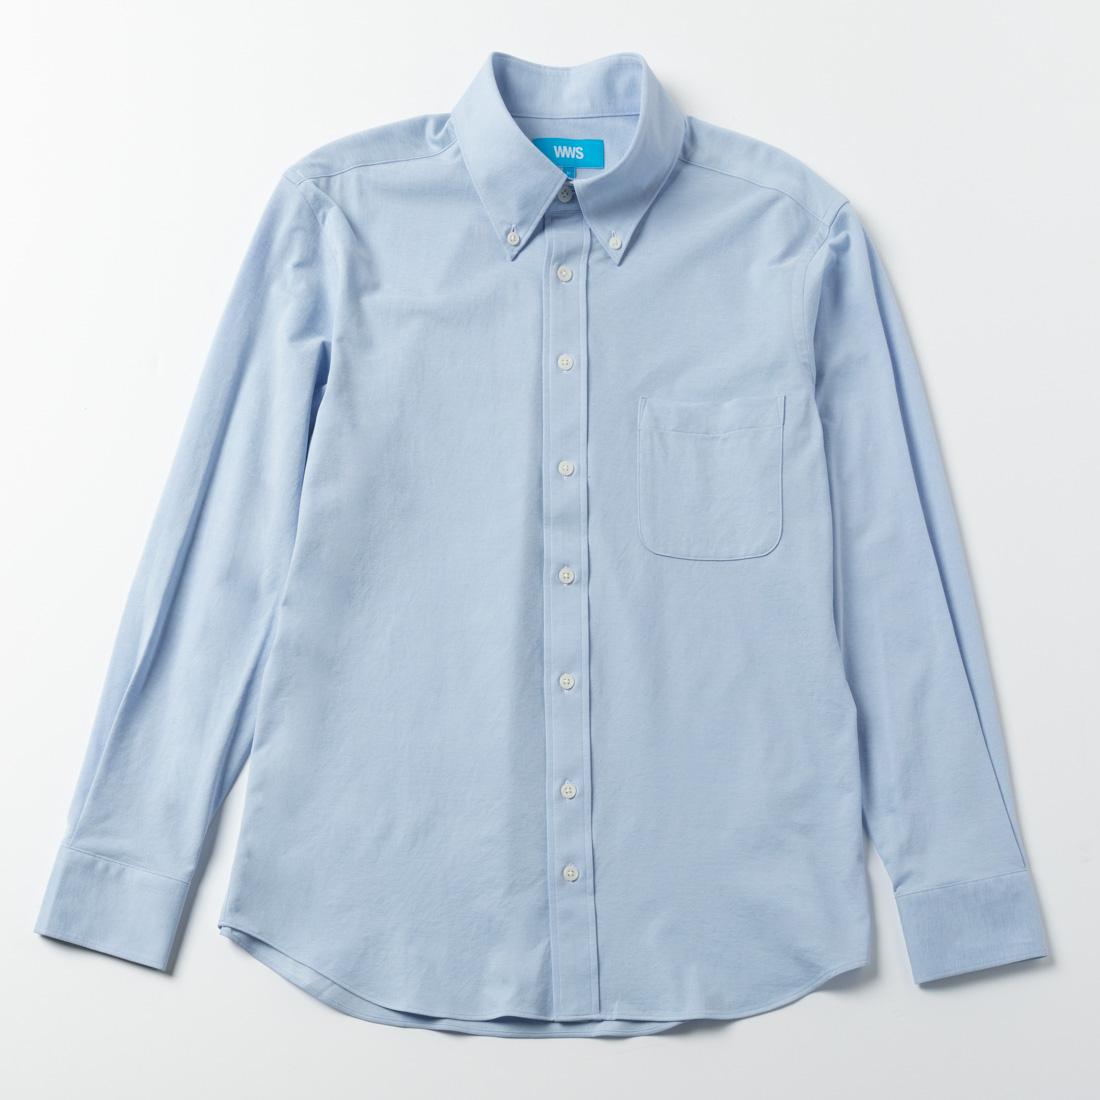 究極のボタンダウンシャツ